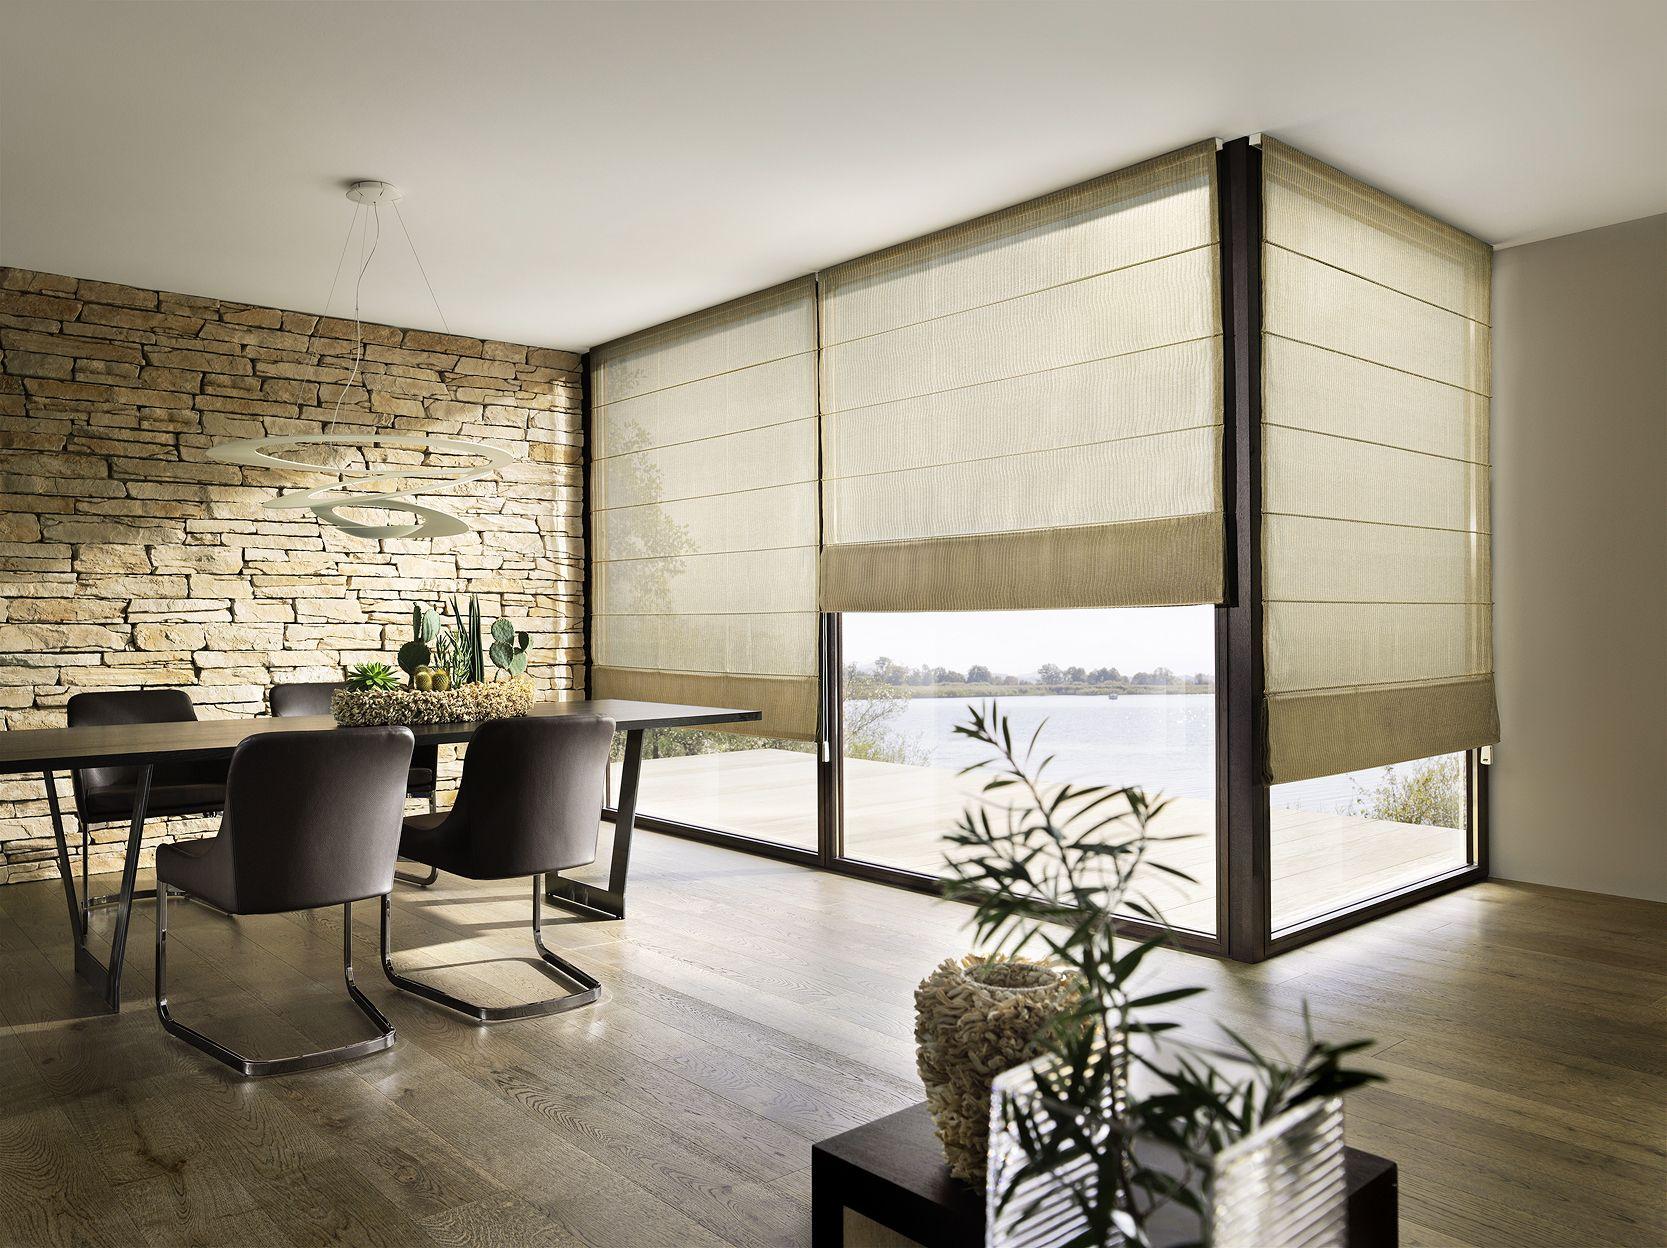 Raffrollo leha esszimmer pinned by schattenspender in 2019 vorh nge - Fenstergestaltung wohnzimmer ...